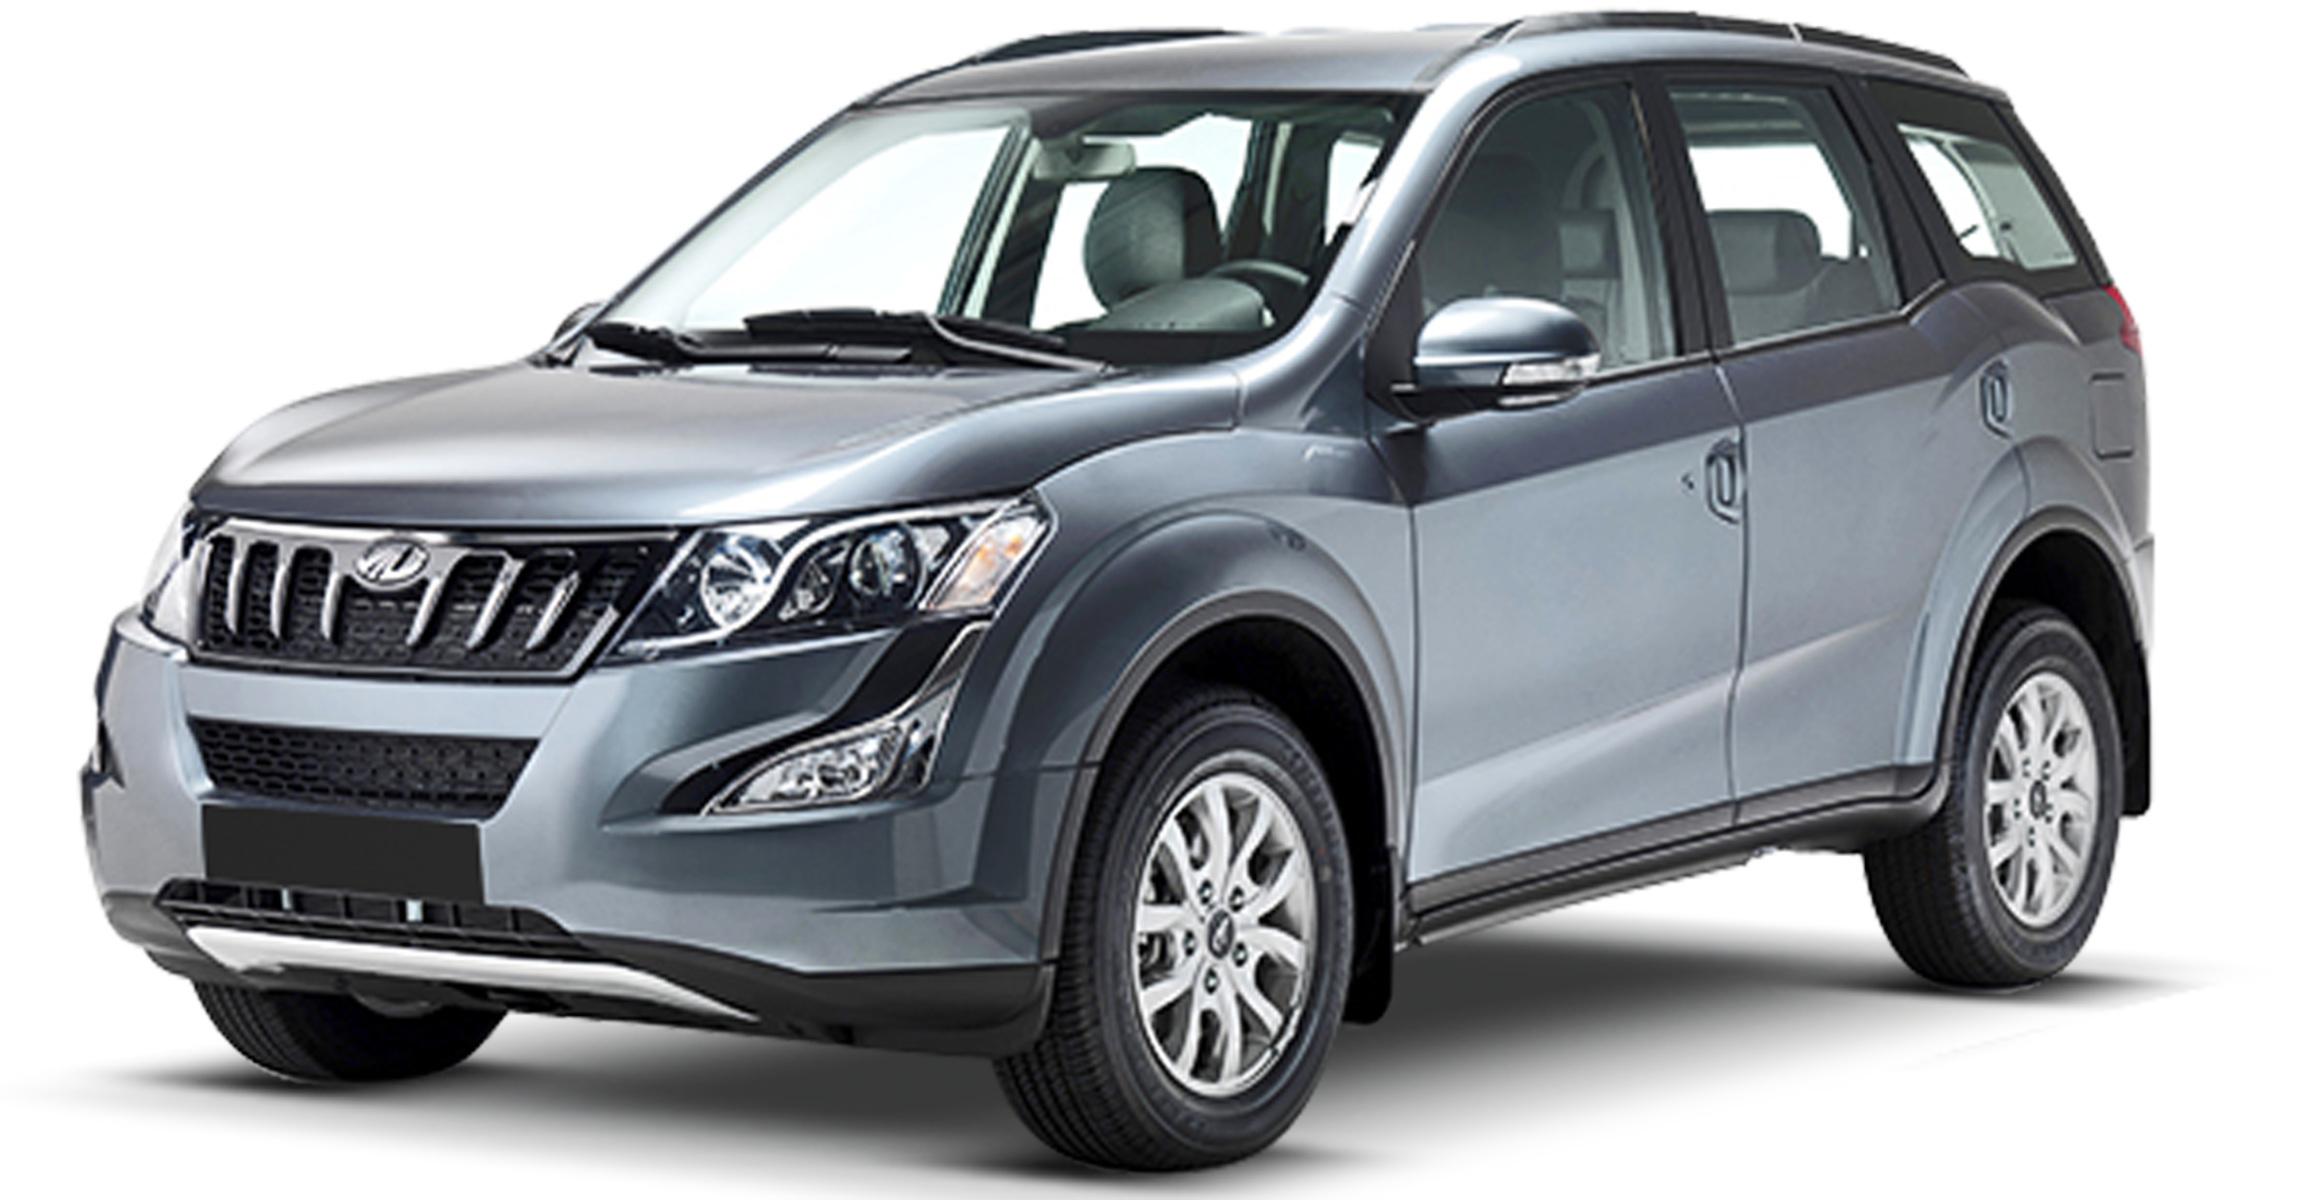 Mahindra New Car In India